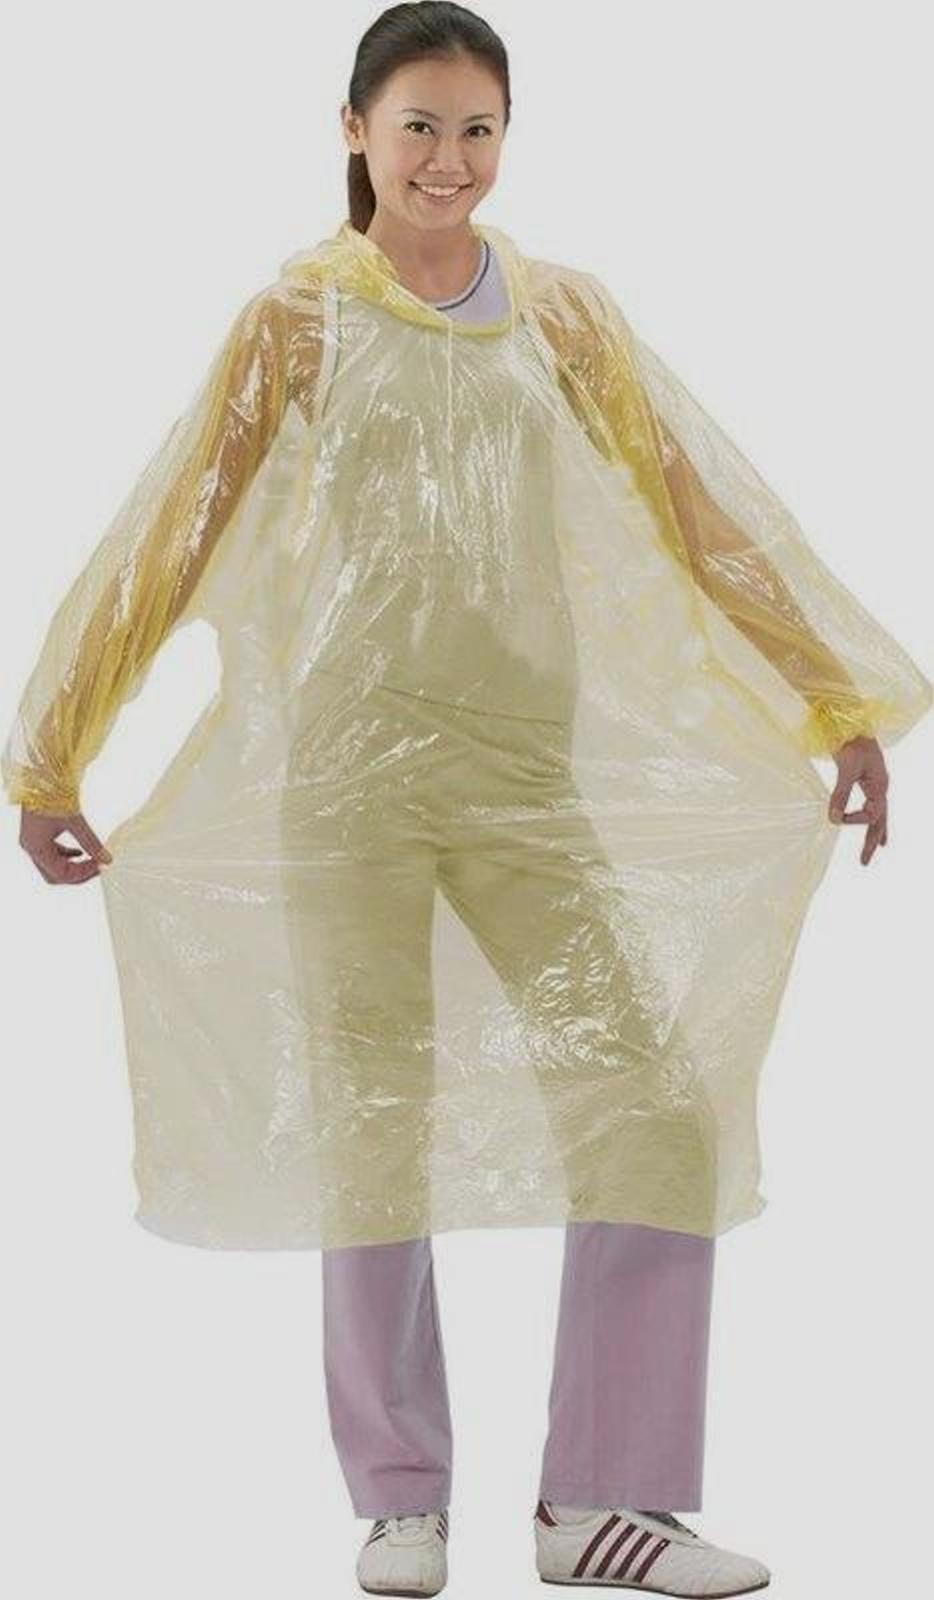 輕便雨衣 白色透明(50件一起賣)批發價400元.每件只賣8元.長袖型-便利雨衣【安安大賣場】